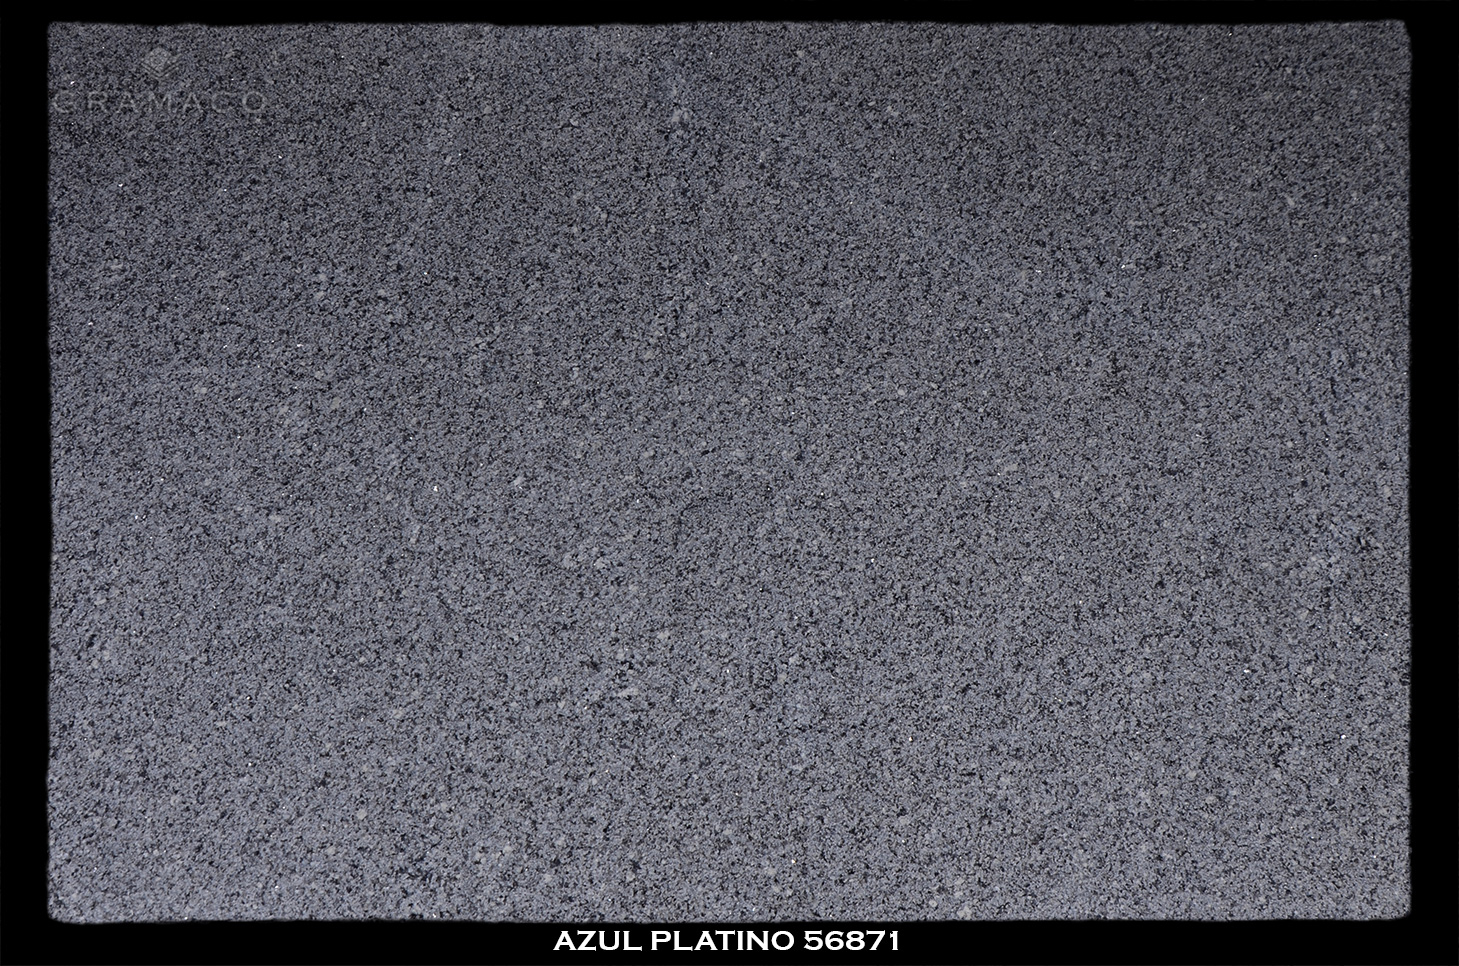 Azul-Platino-56871-slab